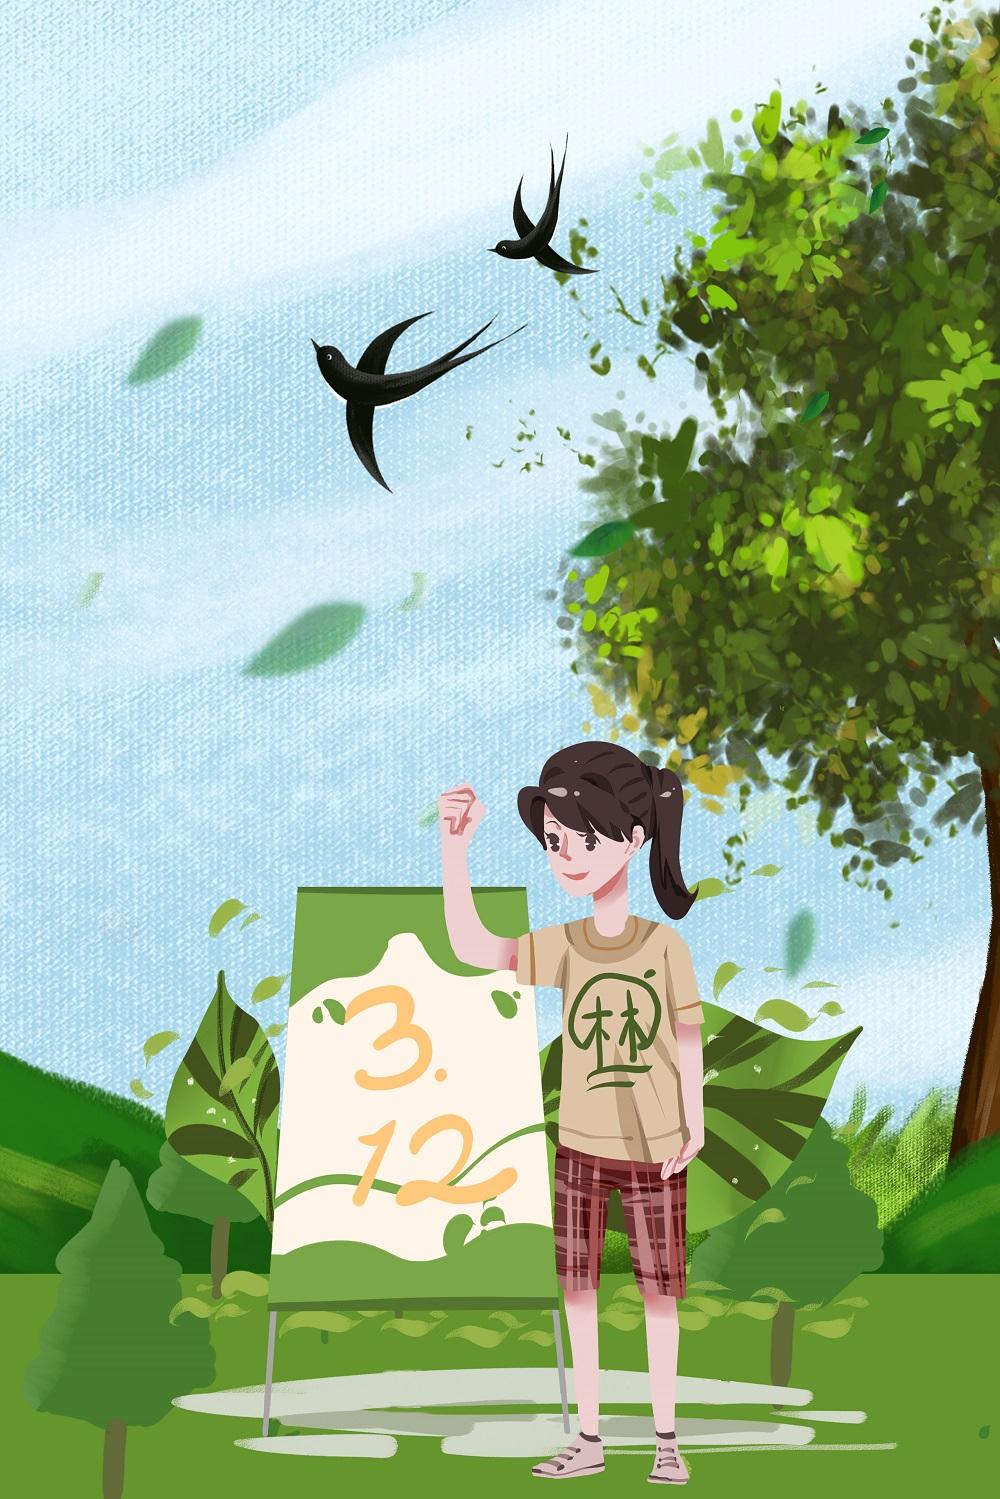 www.soutu123.com_1260492_ 绿色小清新卡通植树节海报_搜图123祝您工作顺利.jpg